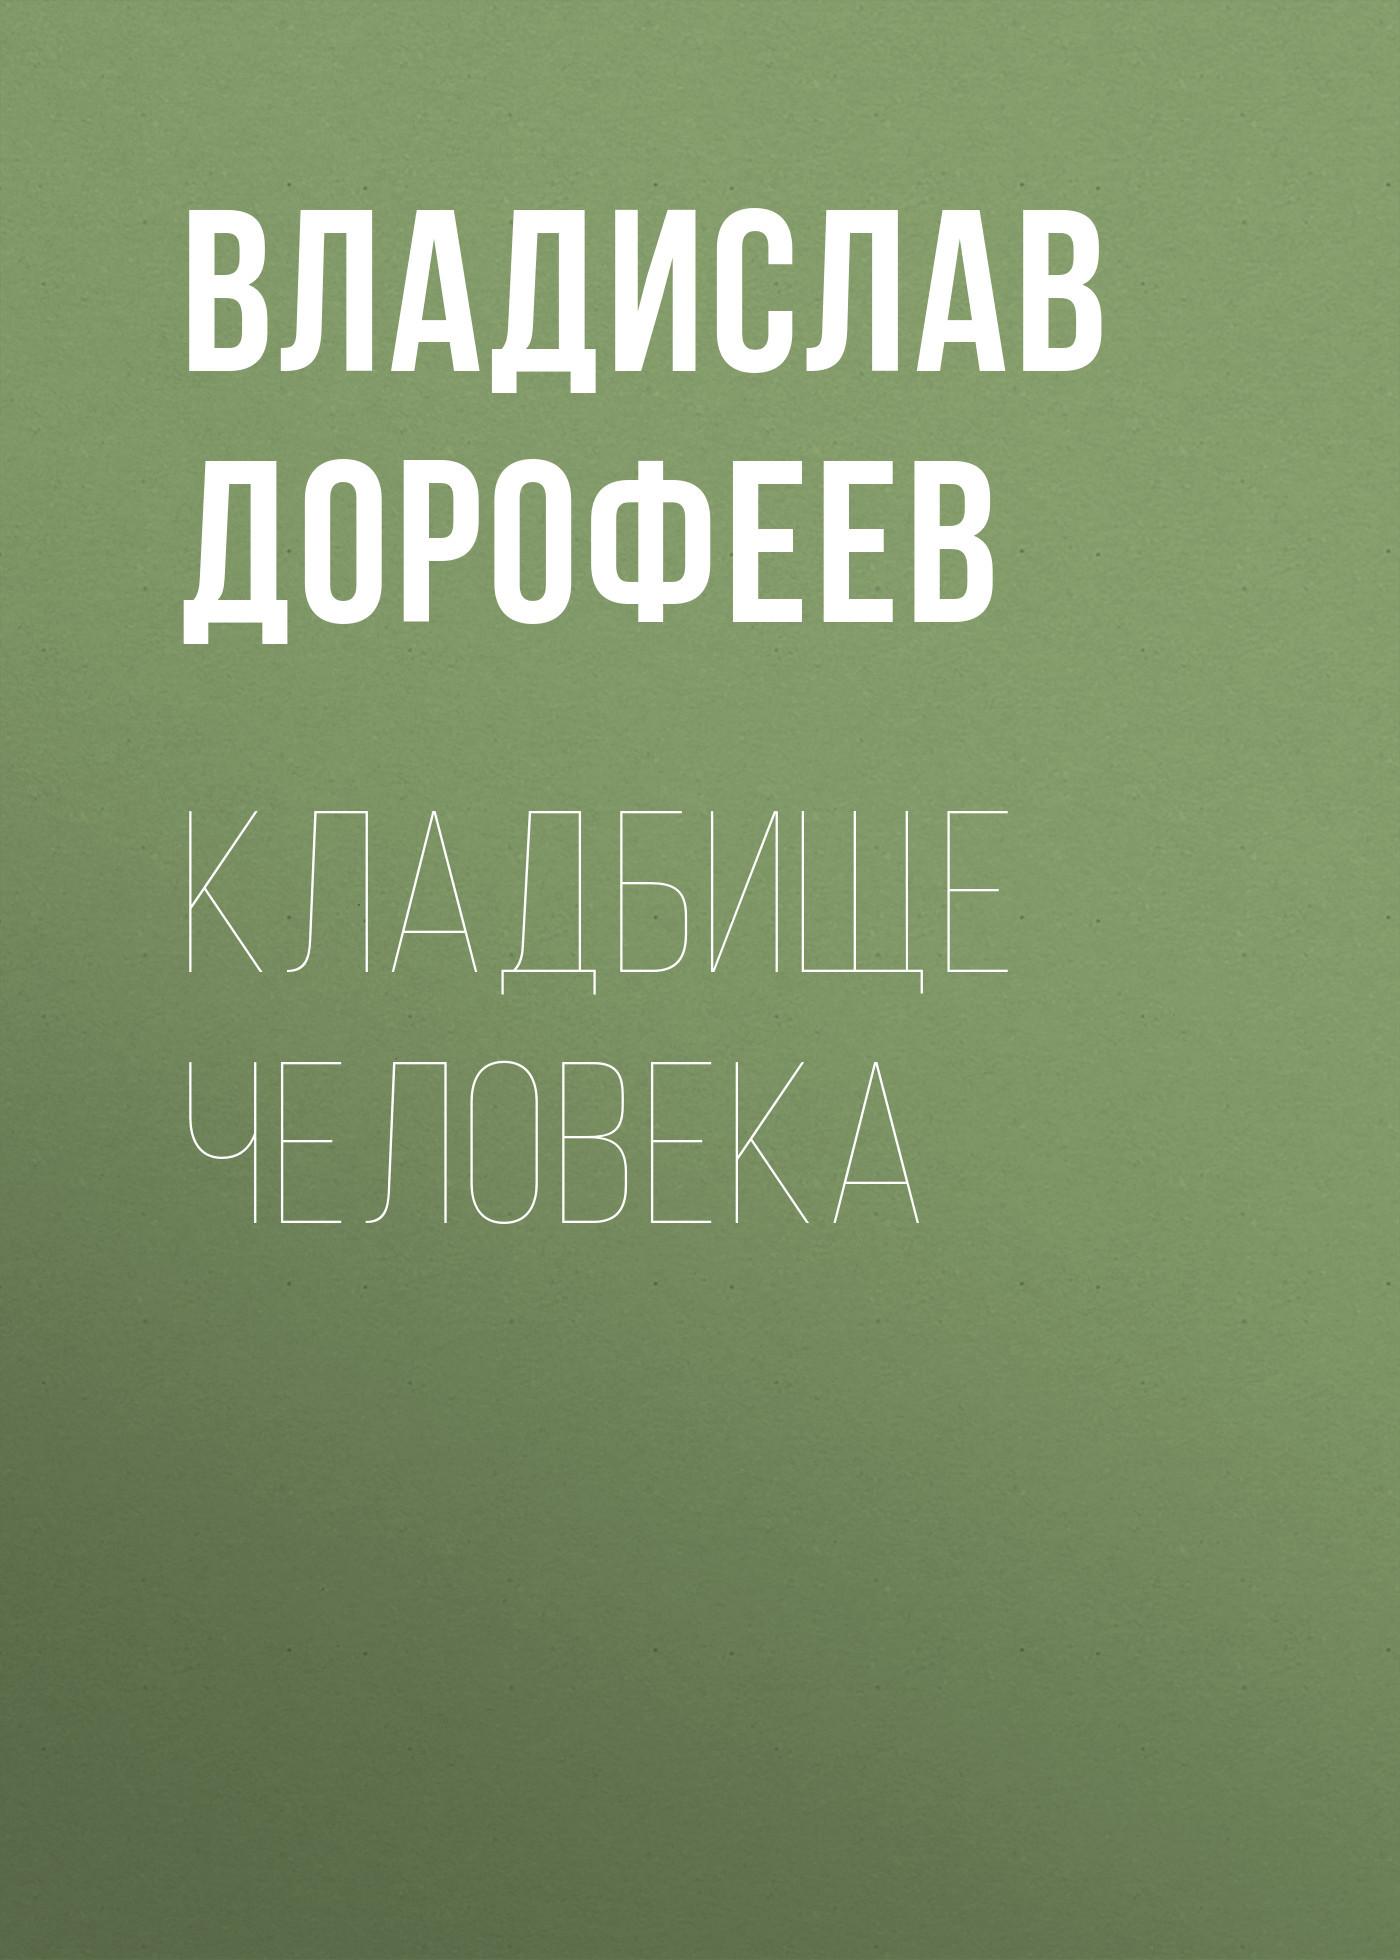 Владислав Дорофеев Кладбище человека